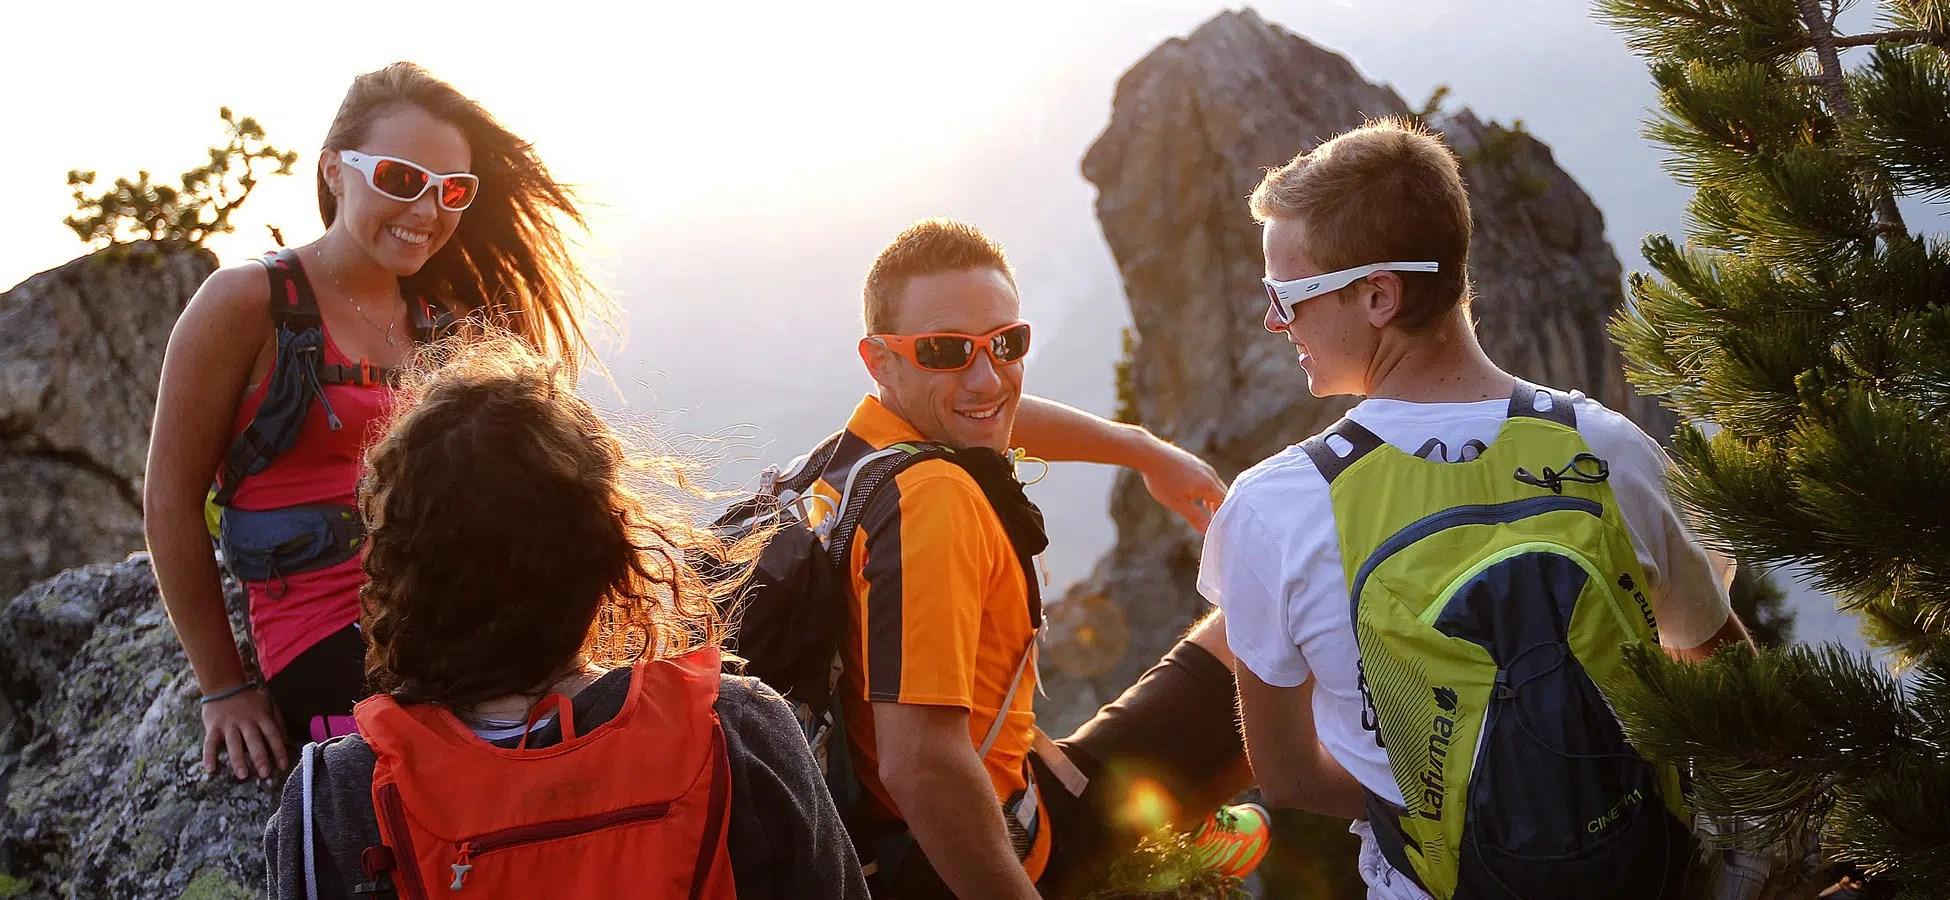 Bandeau d'illustration photographe Tourisme en montagne été